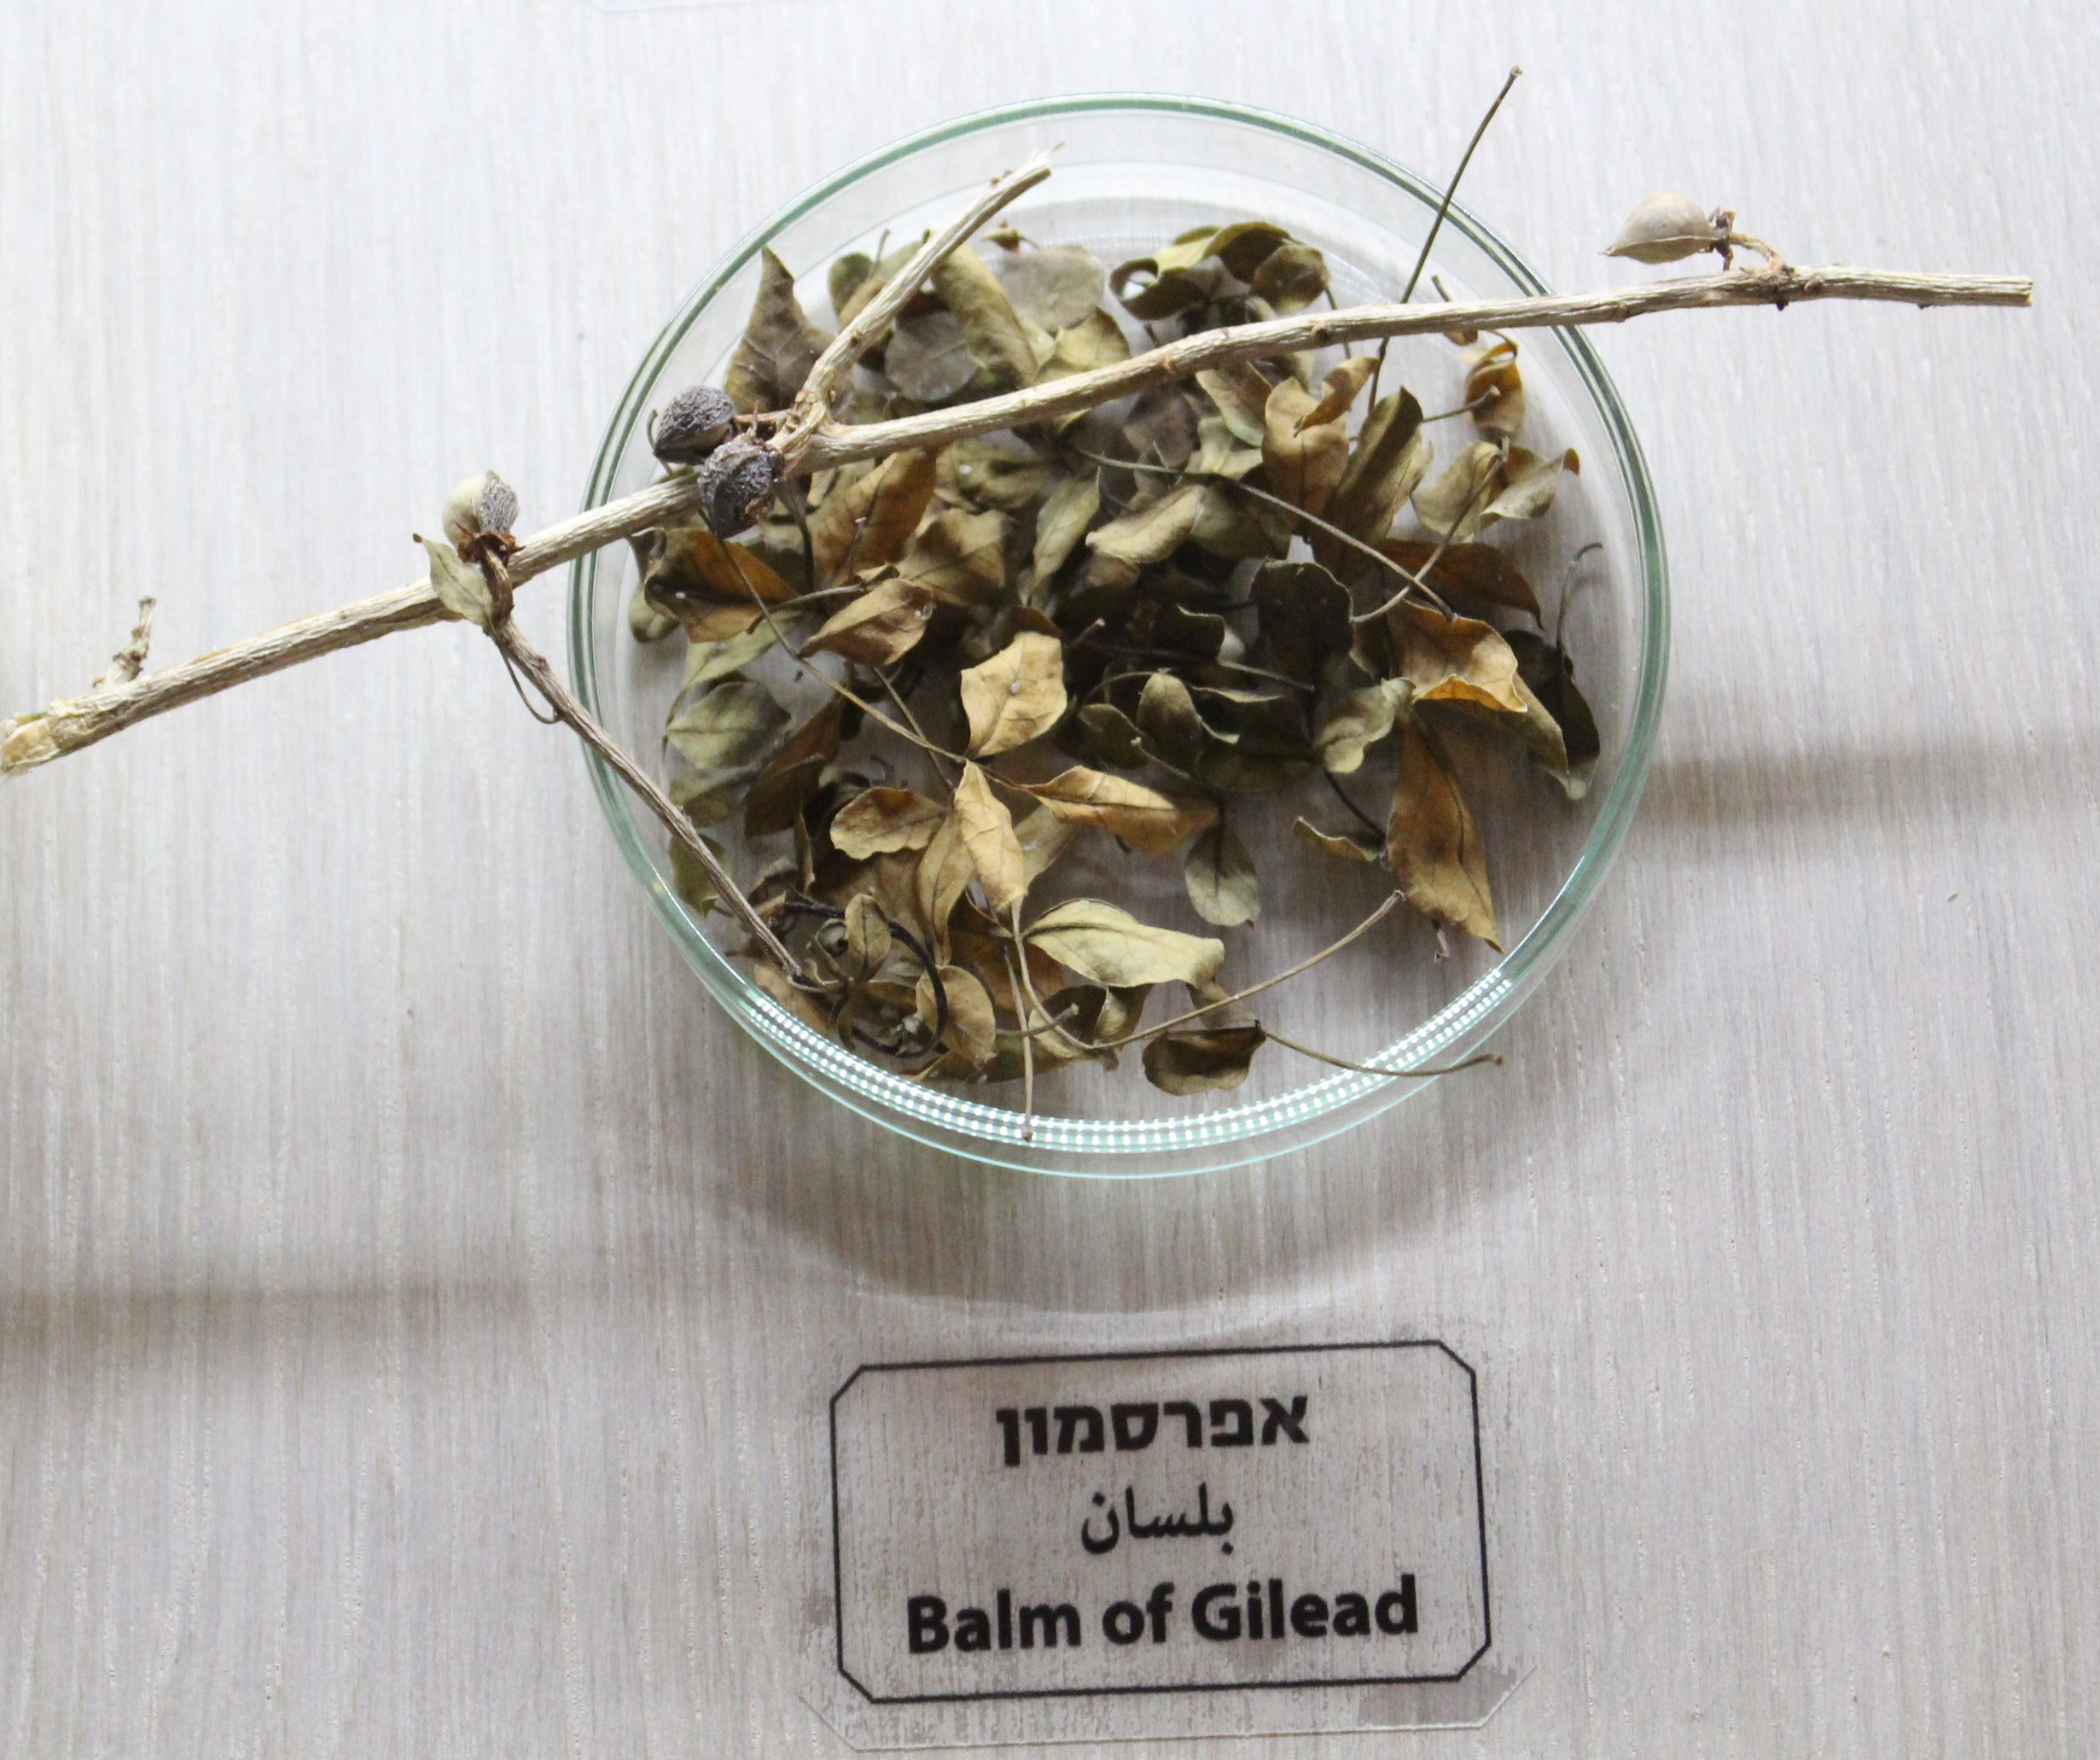 Balm of Gilead - Wikipedia